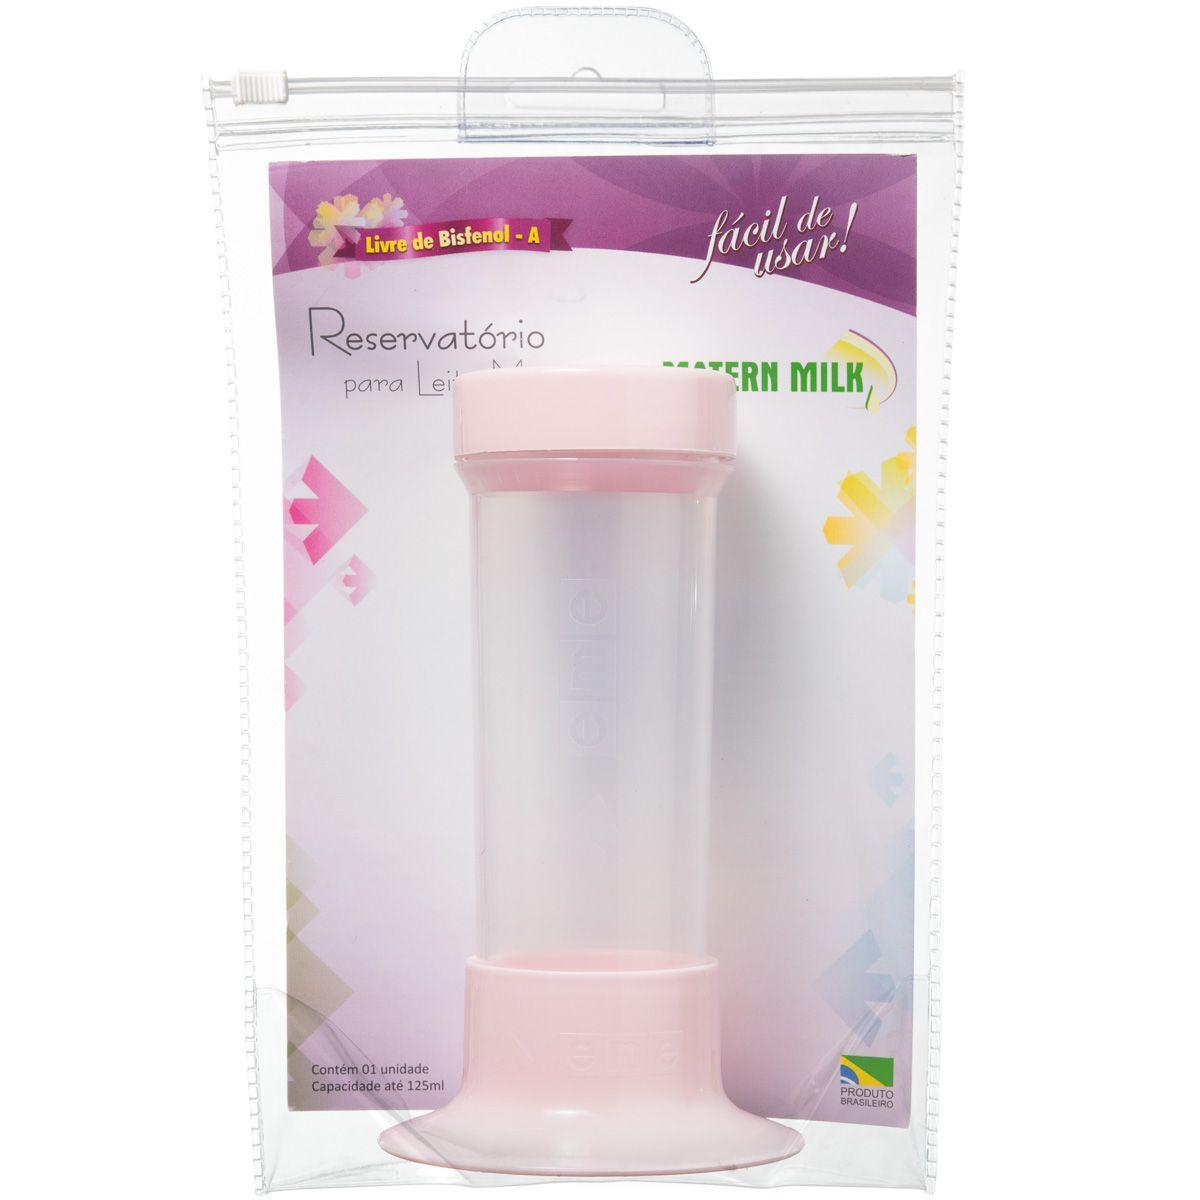 Reservatório para Leite Materno Rosa com tubo de Sucção - peças avulsas do Tira Leite Matern Milk